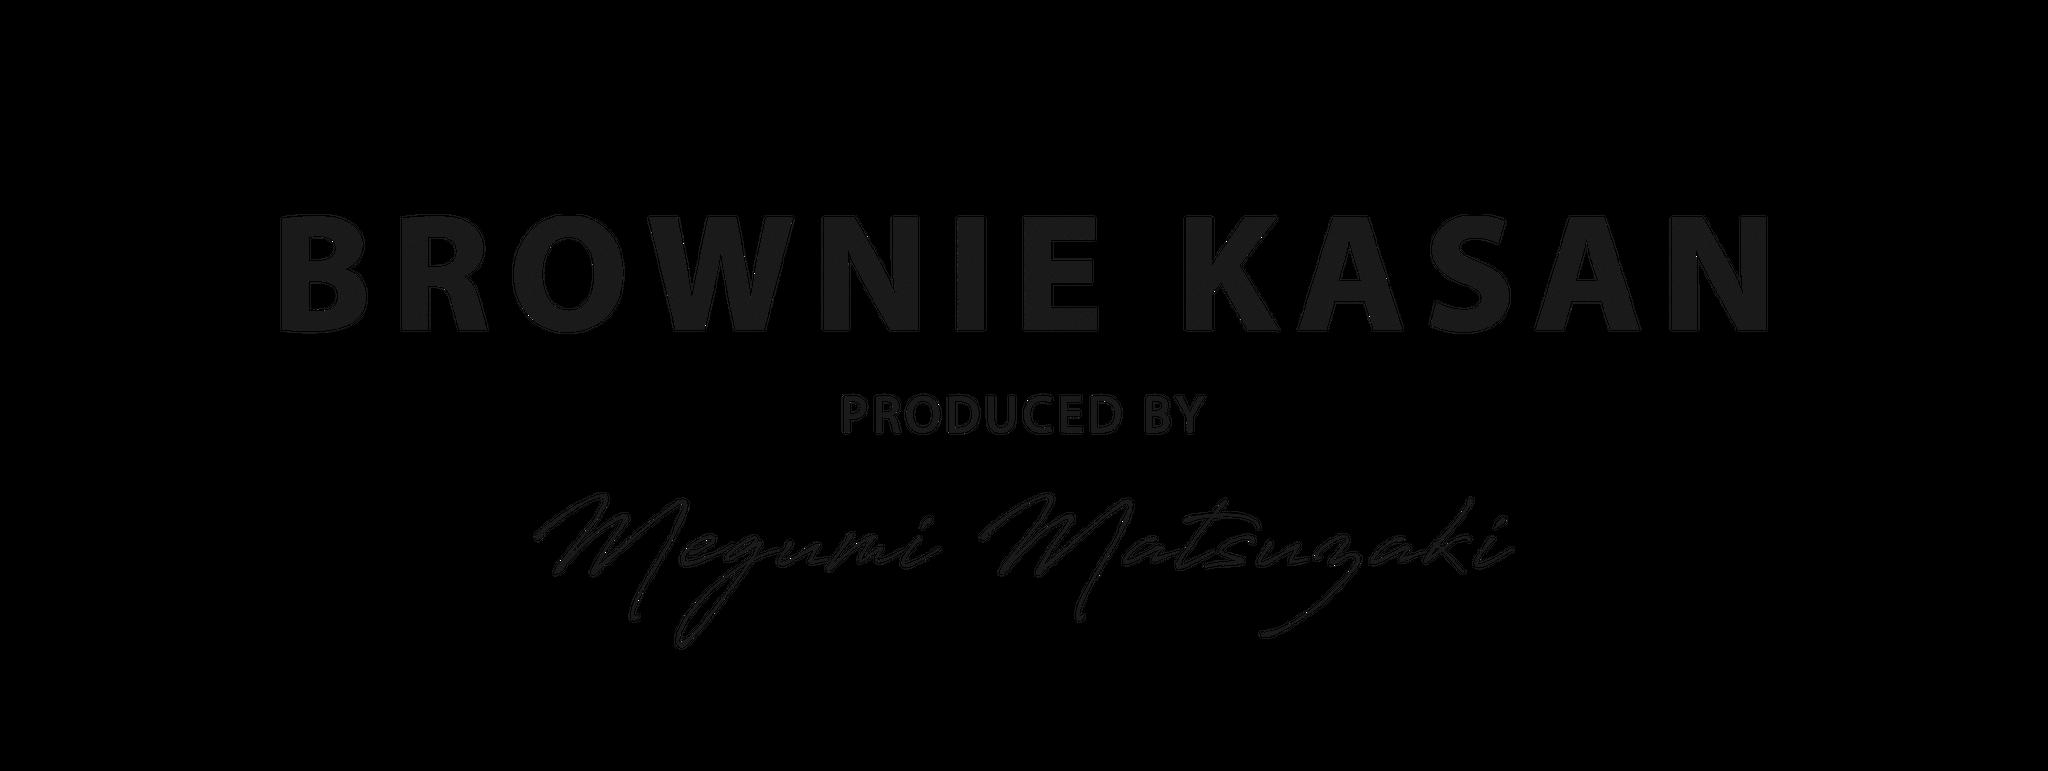 ブラウニー専門店 Brownie Kasan ブラウニー母さん